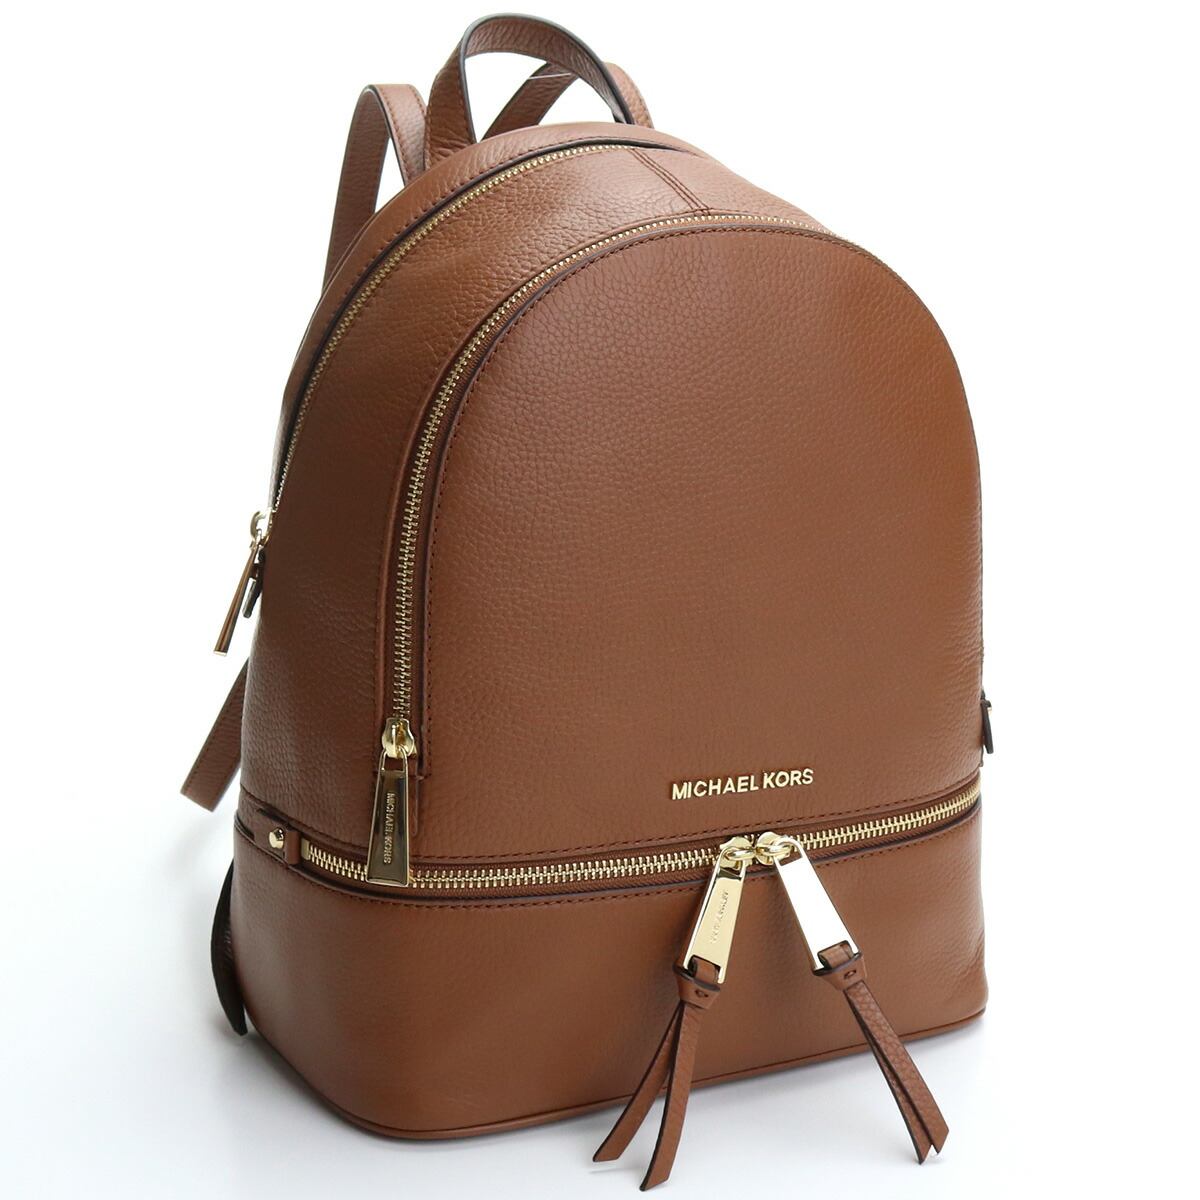 マイケル・コース MICHAEL KORS RHEA ZIP リュック バックパック ブランドバッグ 30S5GEZB1L LEATHER 230 LUGGAGE ブラウン系 bag-01